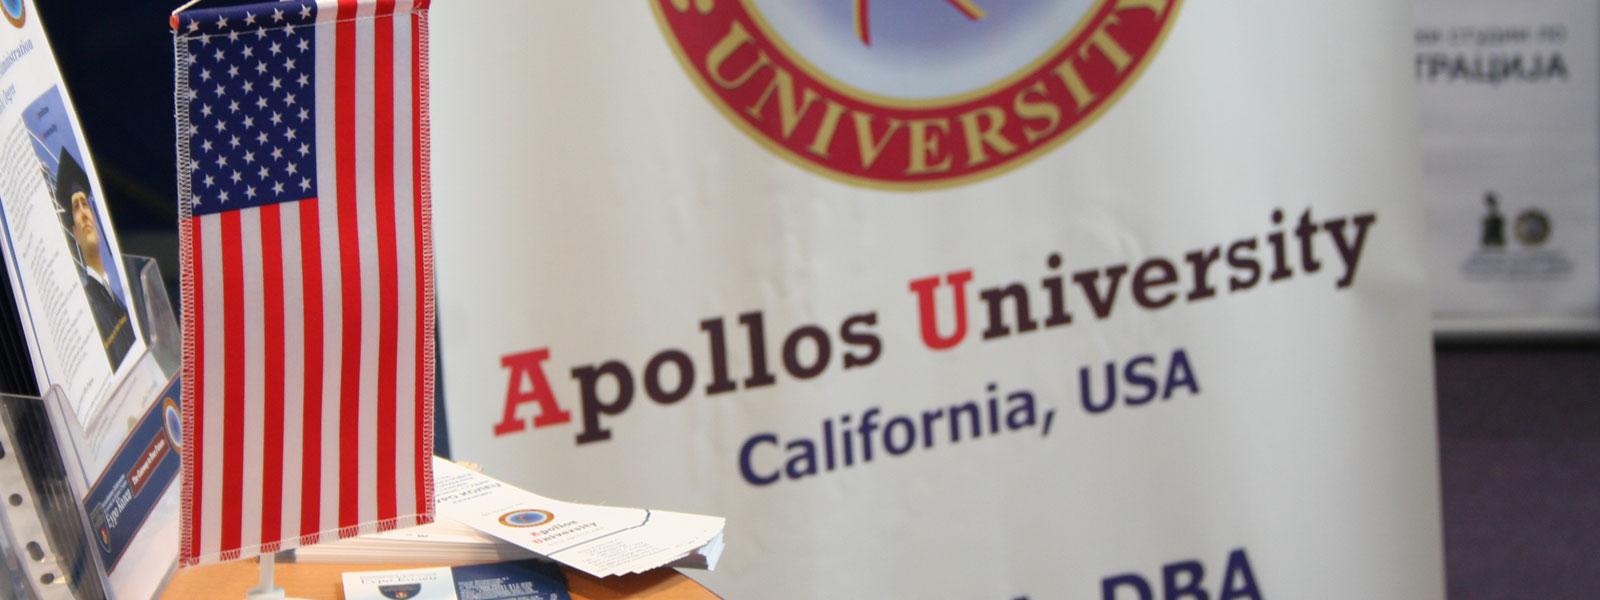 Apollos University – USA